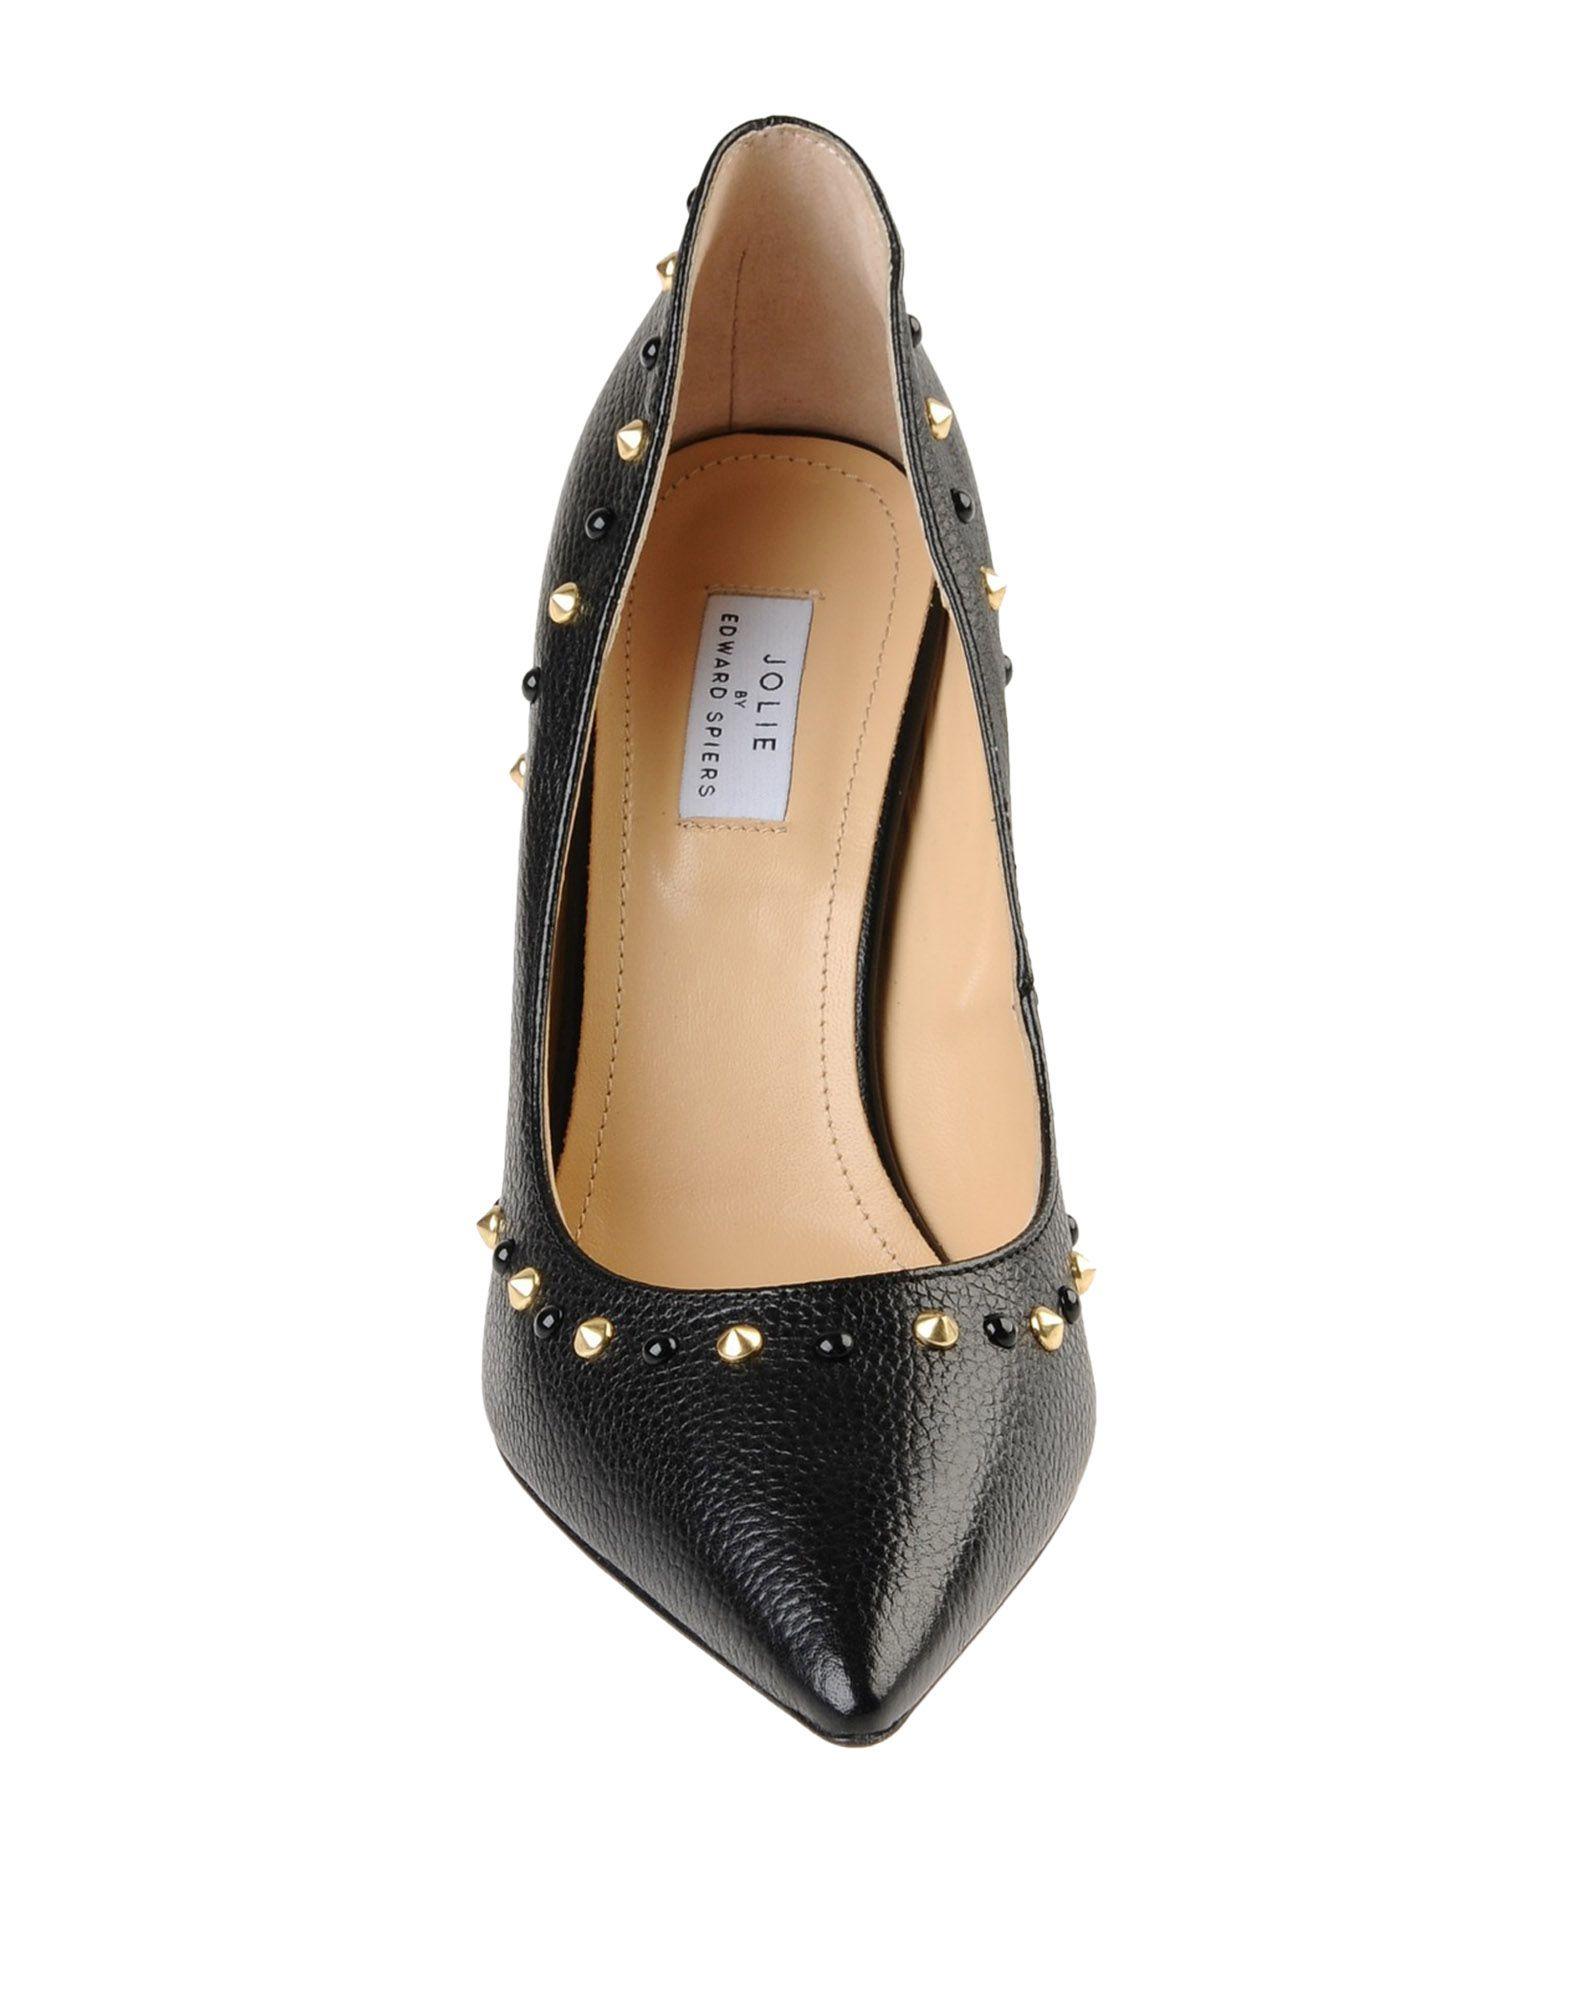 Stilvolle billige Schuhe Jolie By Edward Spiers Pumps Damen  11541366GJ